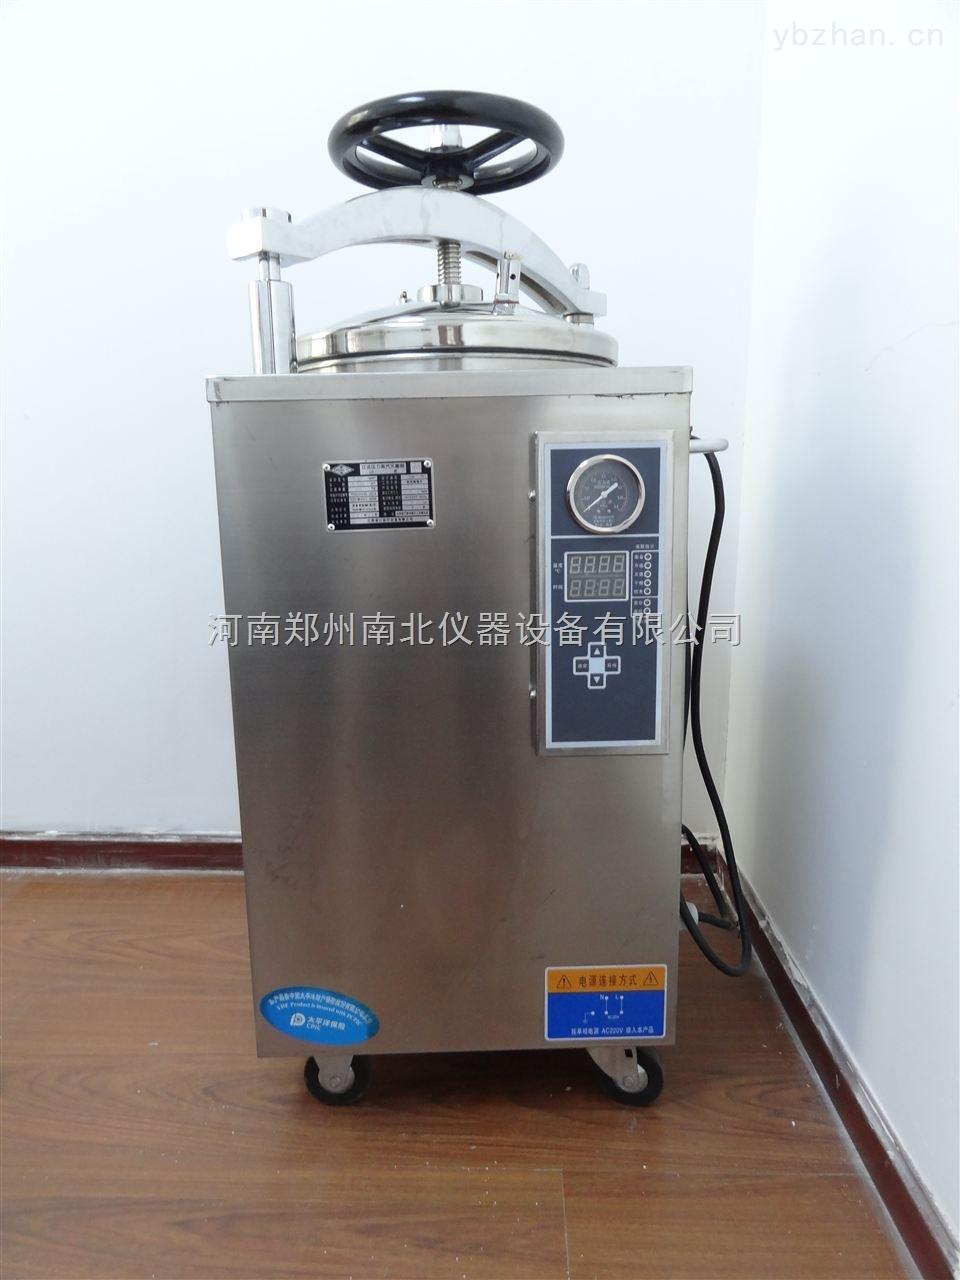 立式蒸汽壓力滅菌器,醫用蒸汽滅菌器滅菌器